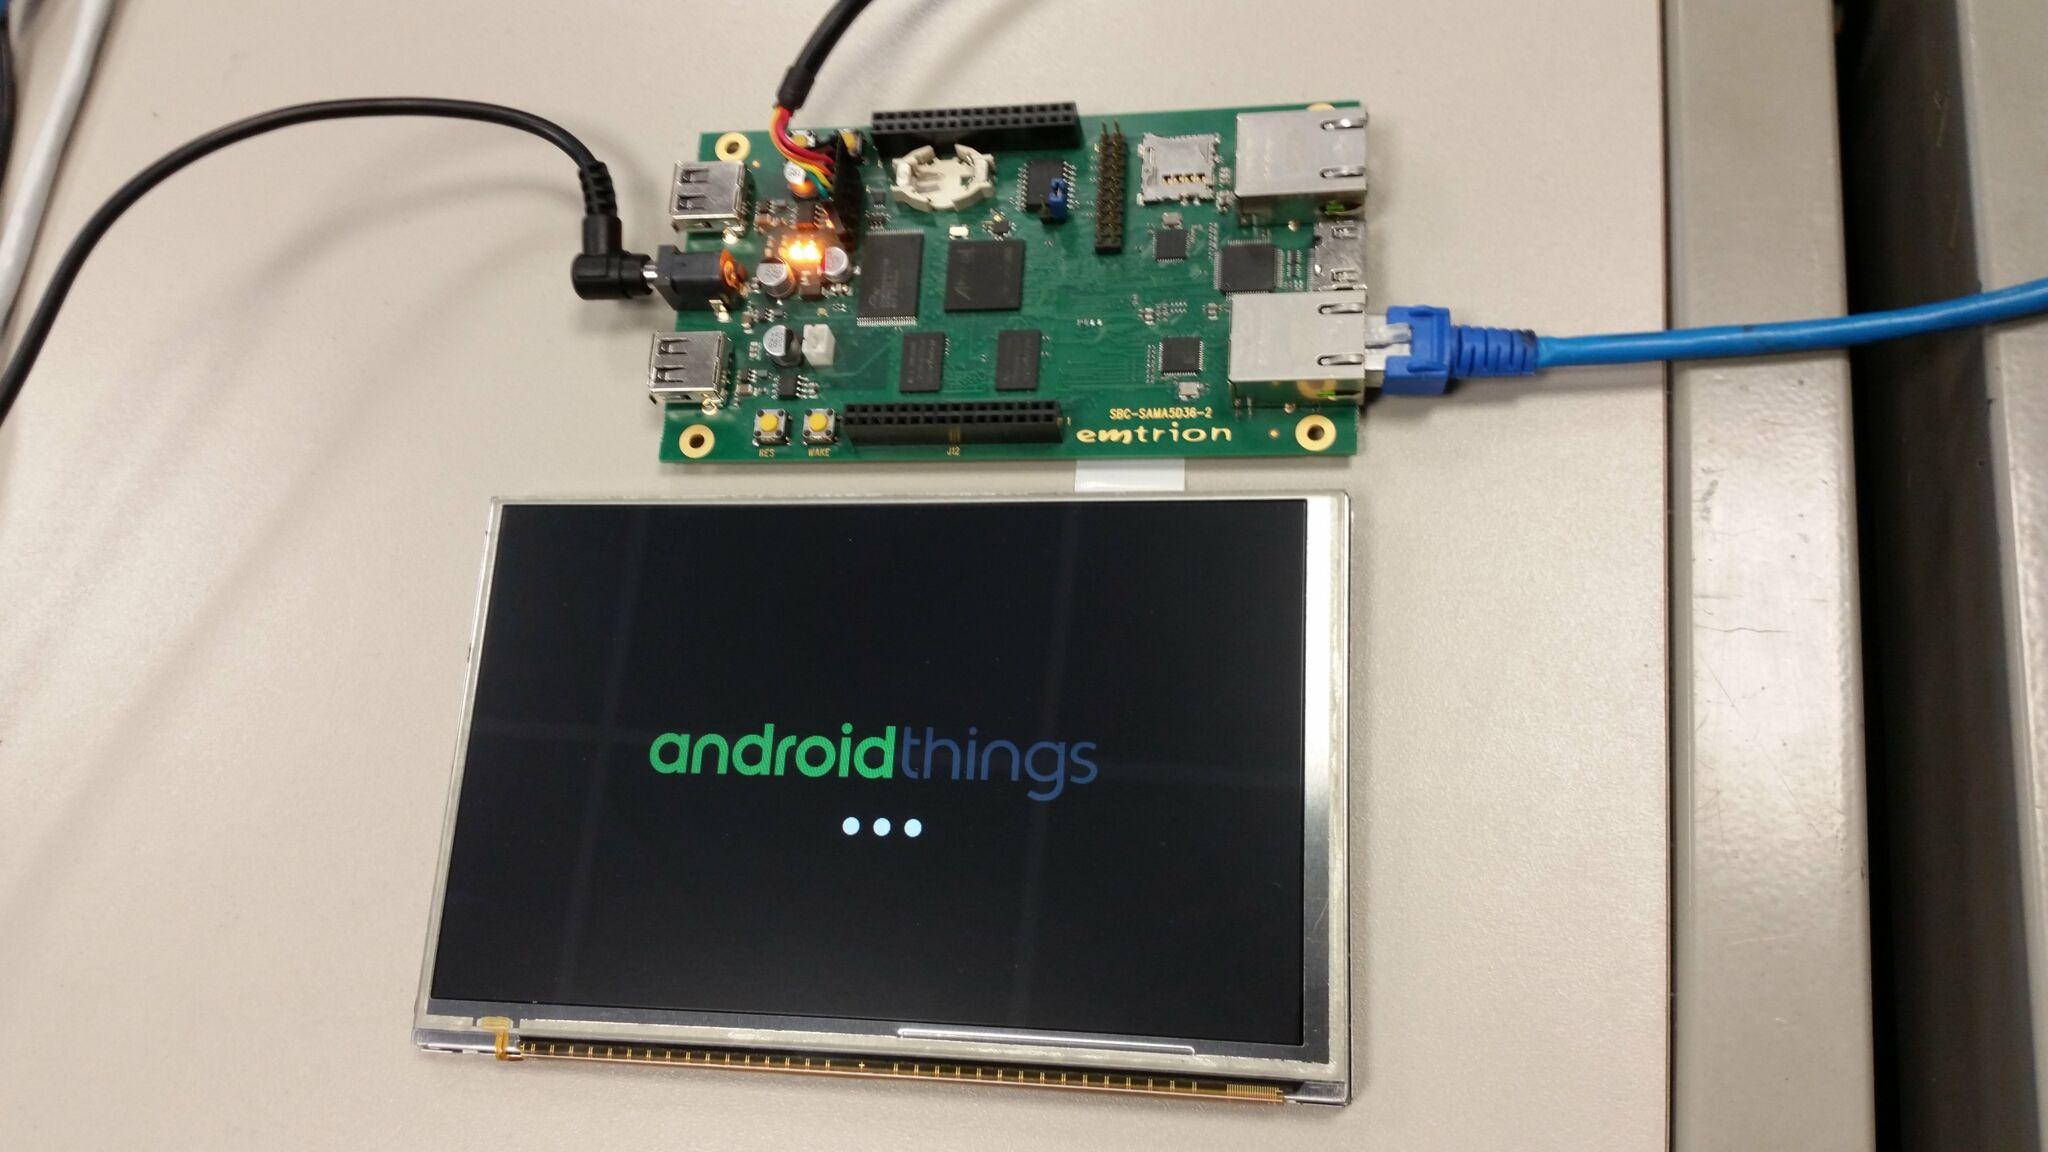 Android Things 1 0 - Já foi lançado o sistema da Google para